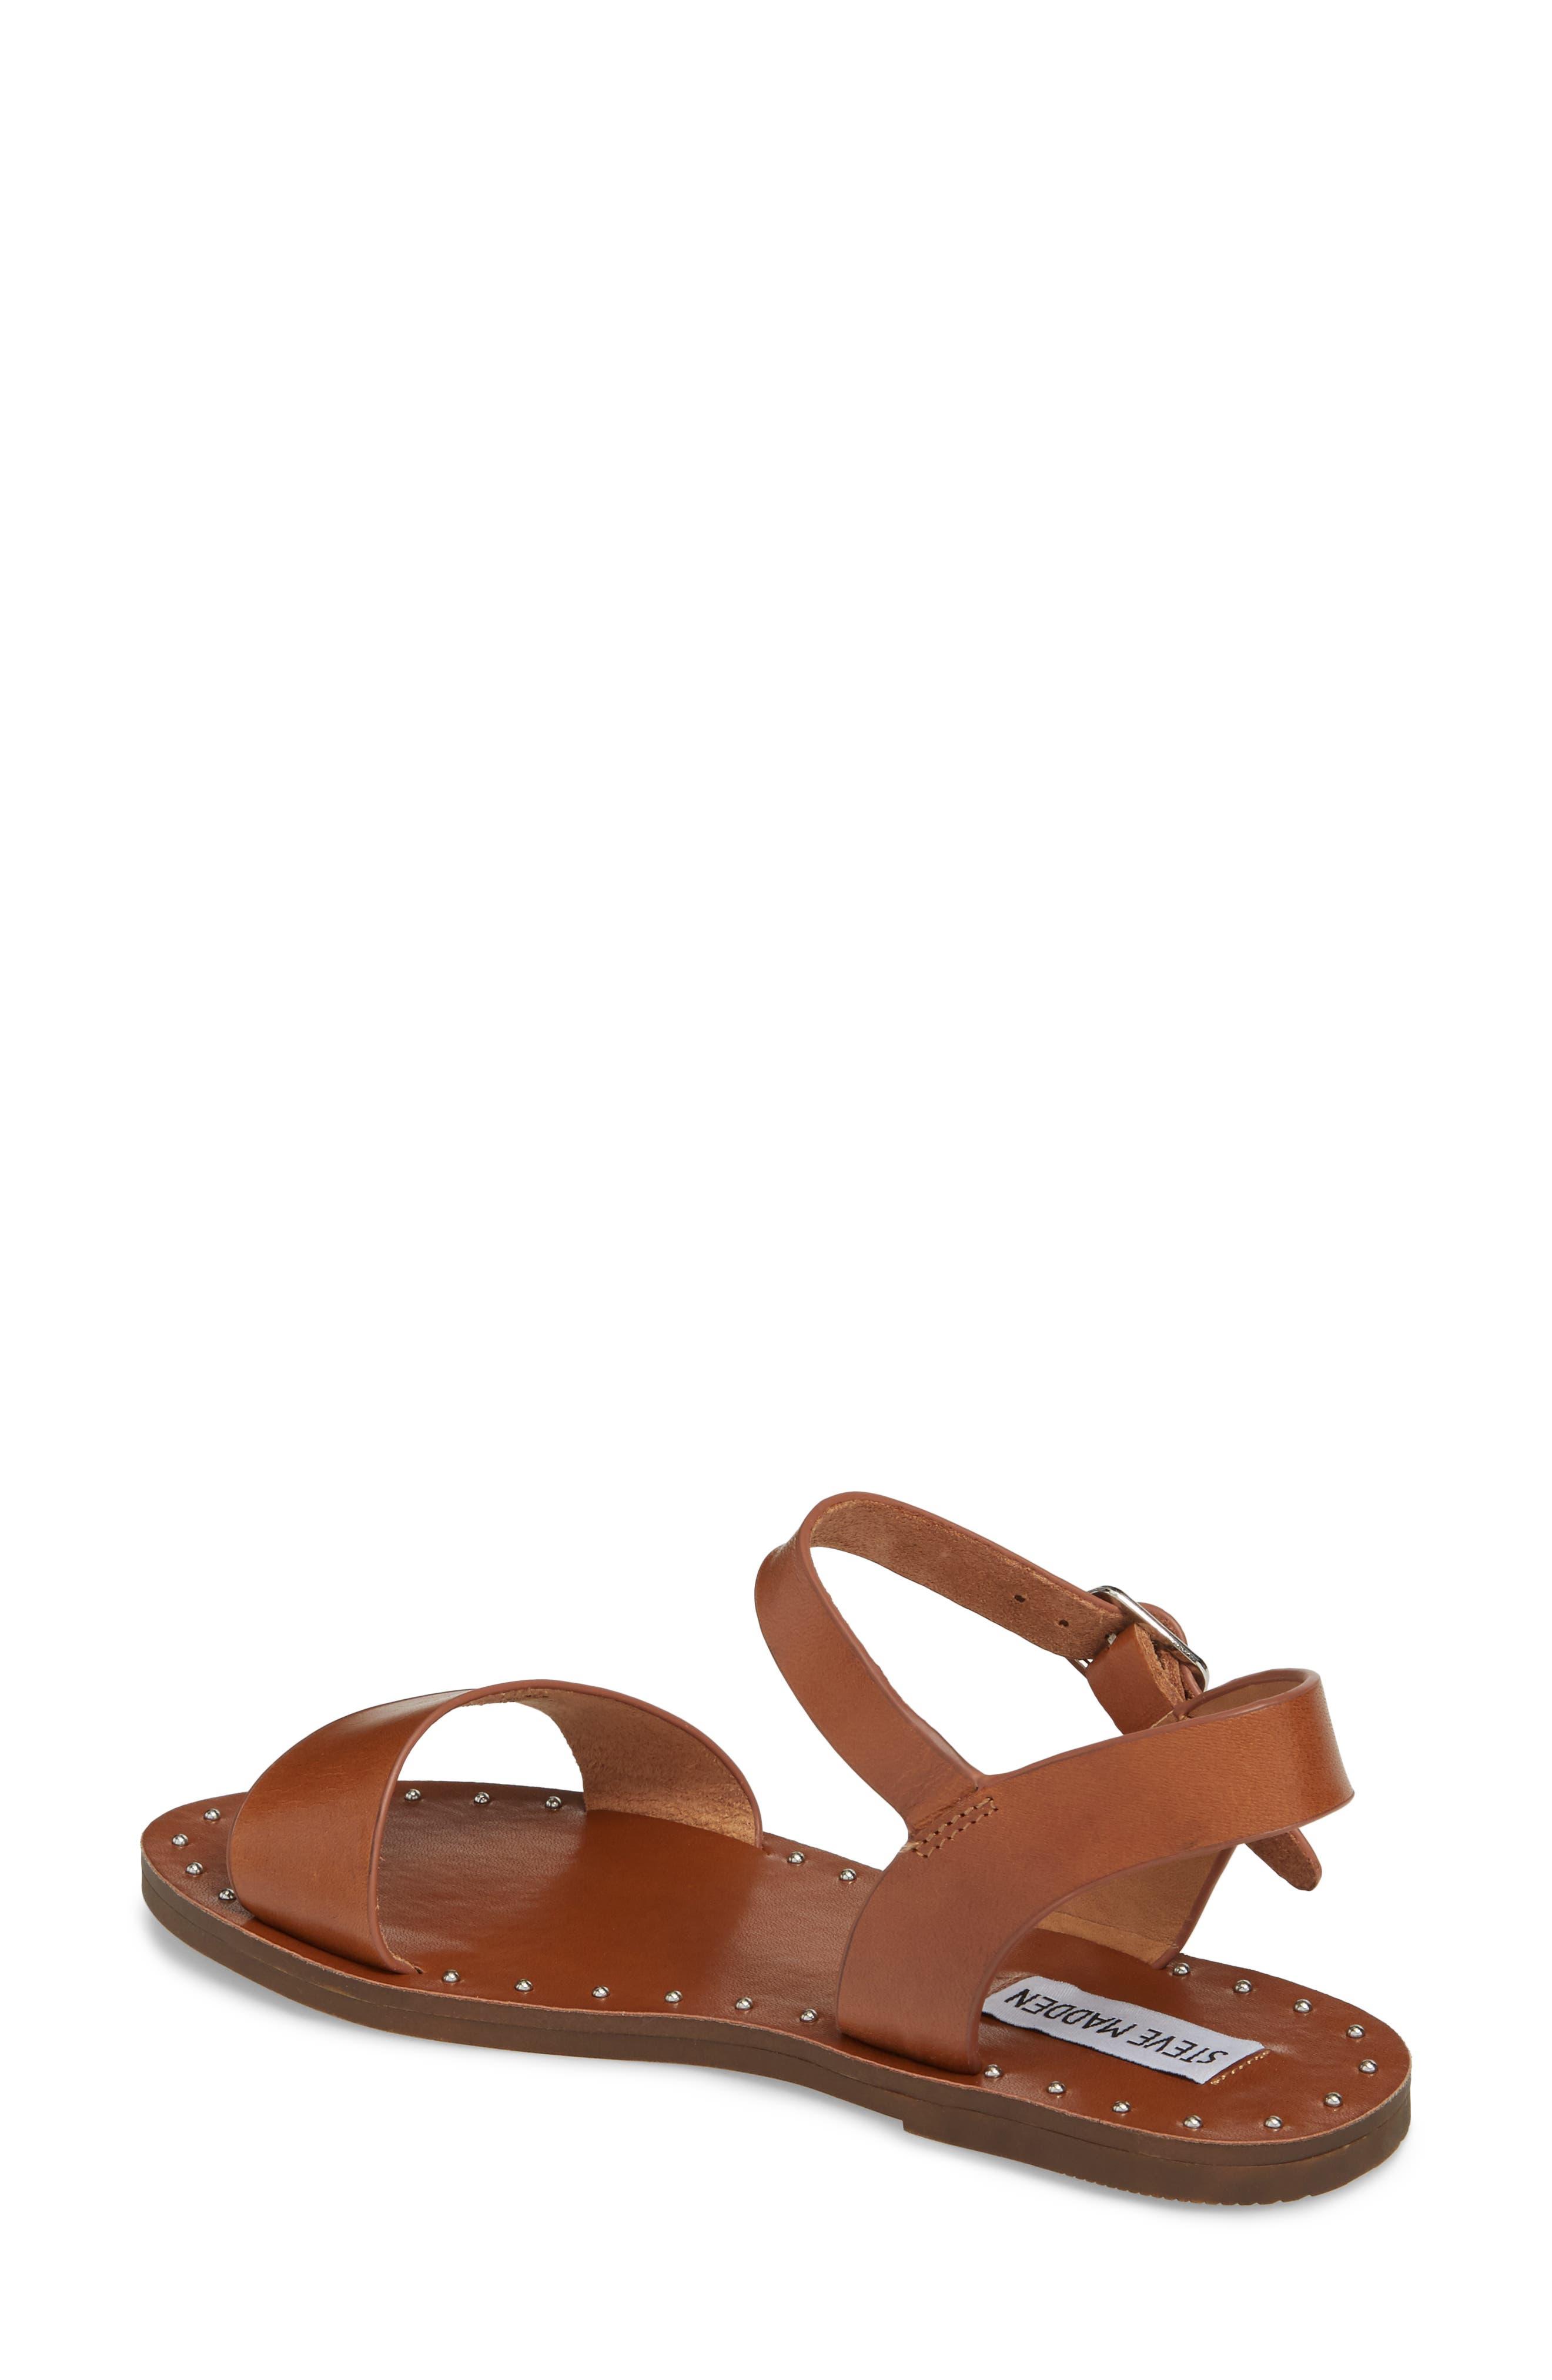 Dupe Sandal,                             Alternate thumbnail 2, color,                             Cognac Leather